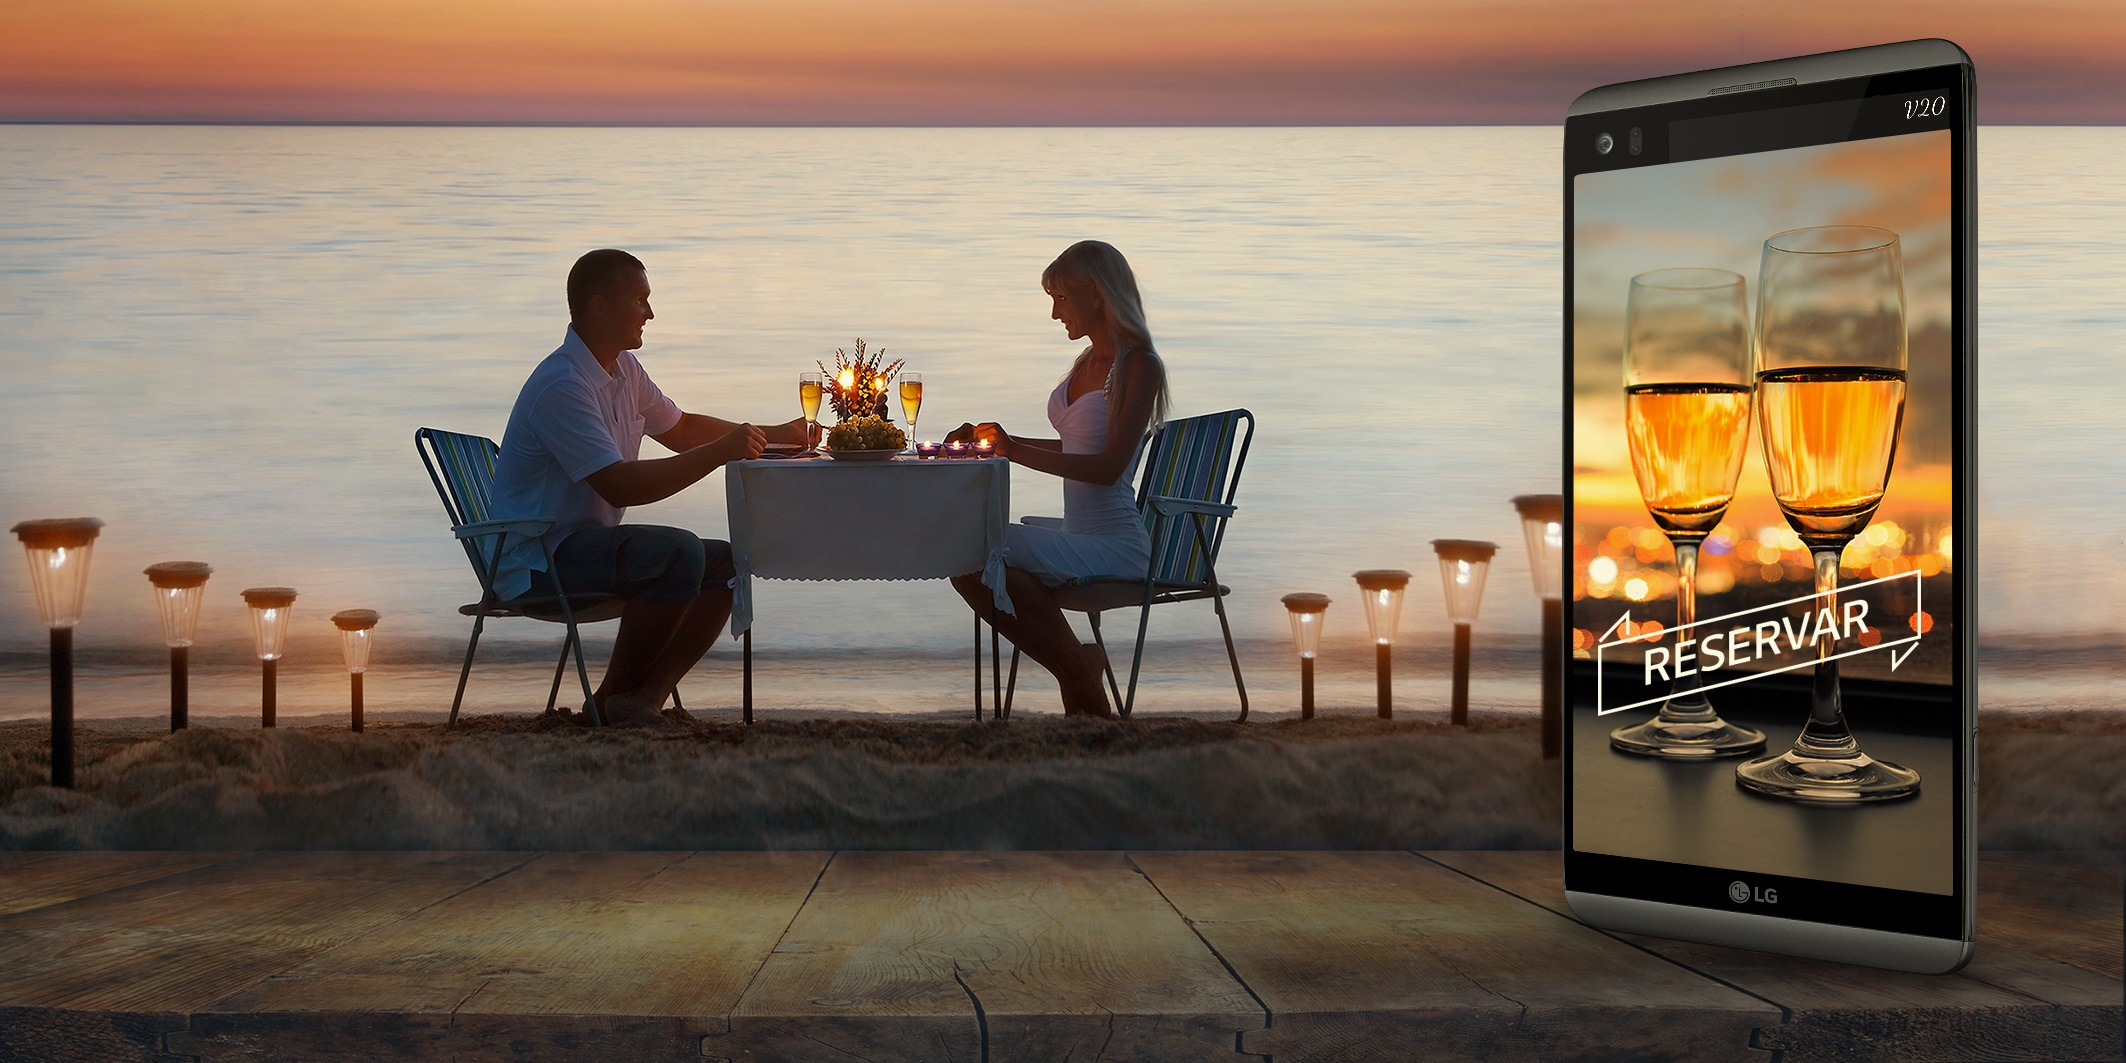 San Valentín cómo usar el smartphone en esta fecha especial - Conoce las mejores aplicaciones para utilizar en San Valentín